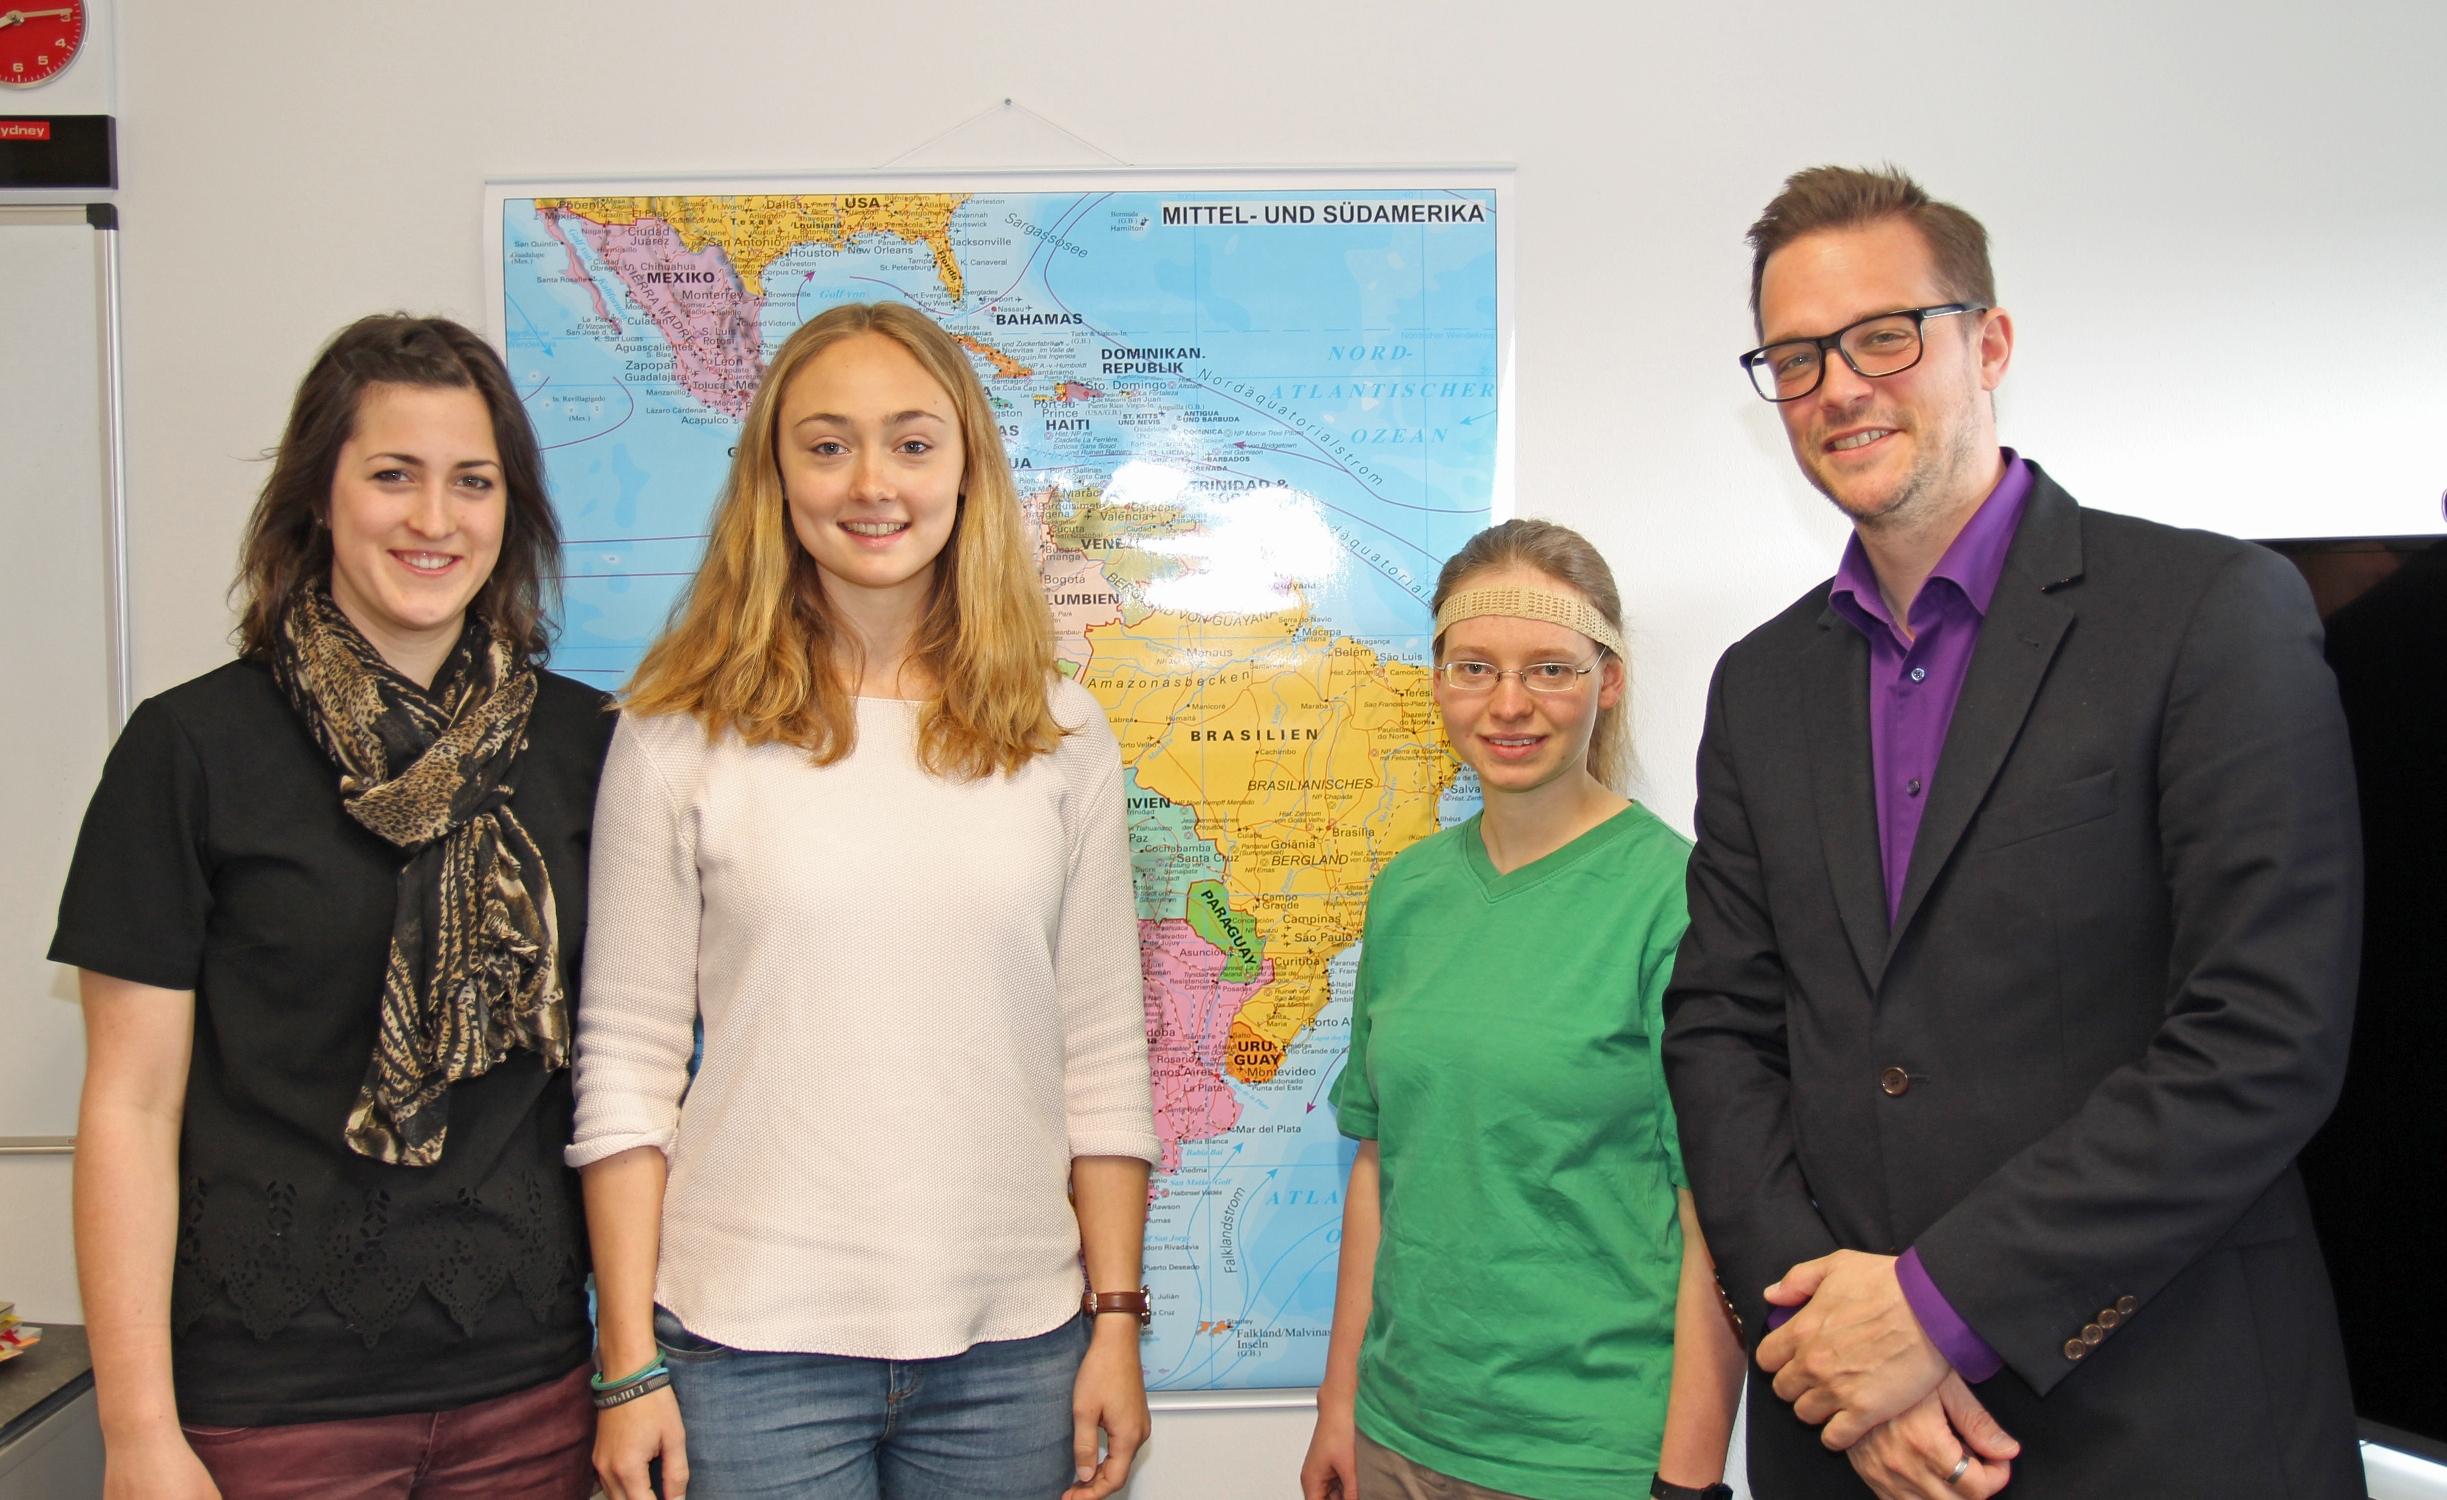 Dass mit (v.l.) Noemi Jaekel, Theresa Rötzel und Ronja Fischer gleich drei CALA-Studentinnen in die Studienstiftung des deutschen Volkes aufgenommen wurden, freut Studiengangsleiter Prof. Dr. Marcus Laumann. (Foto: FH Münster/Pressestelle)